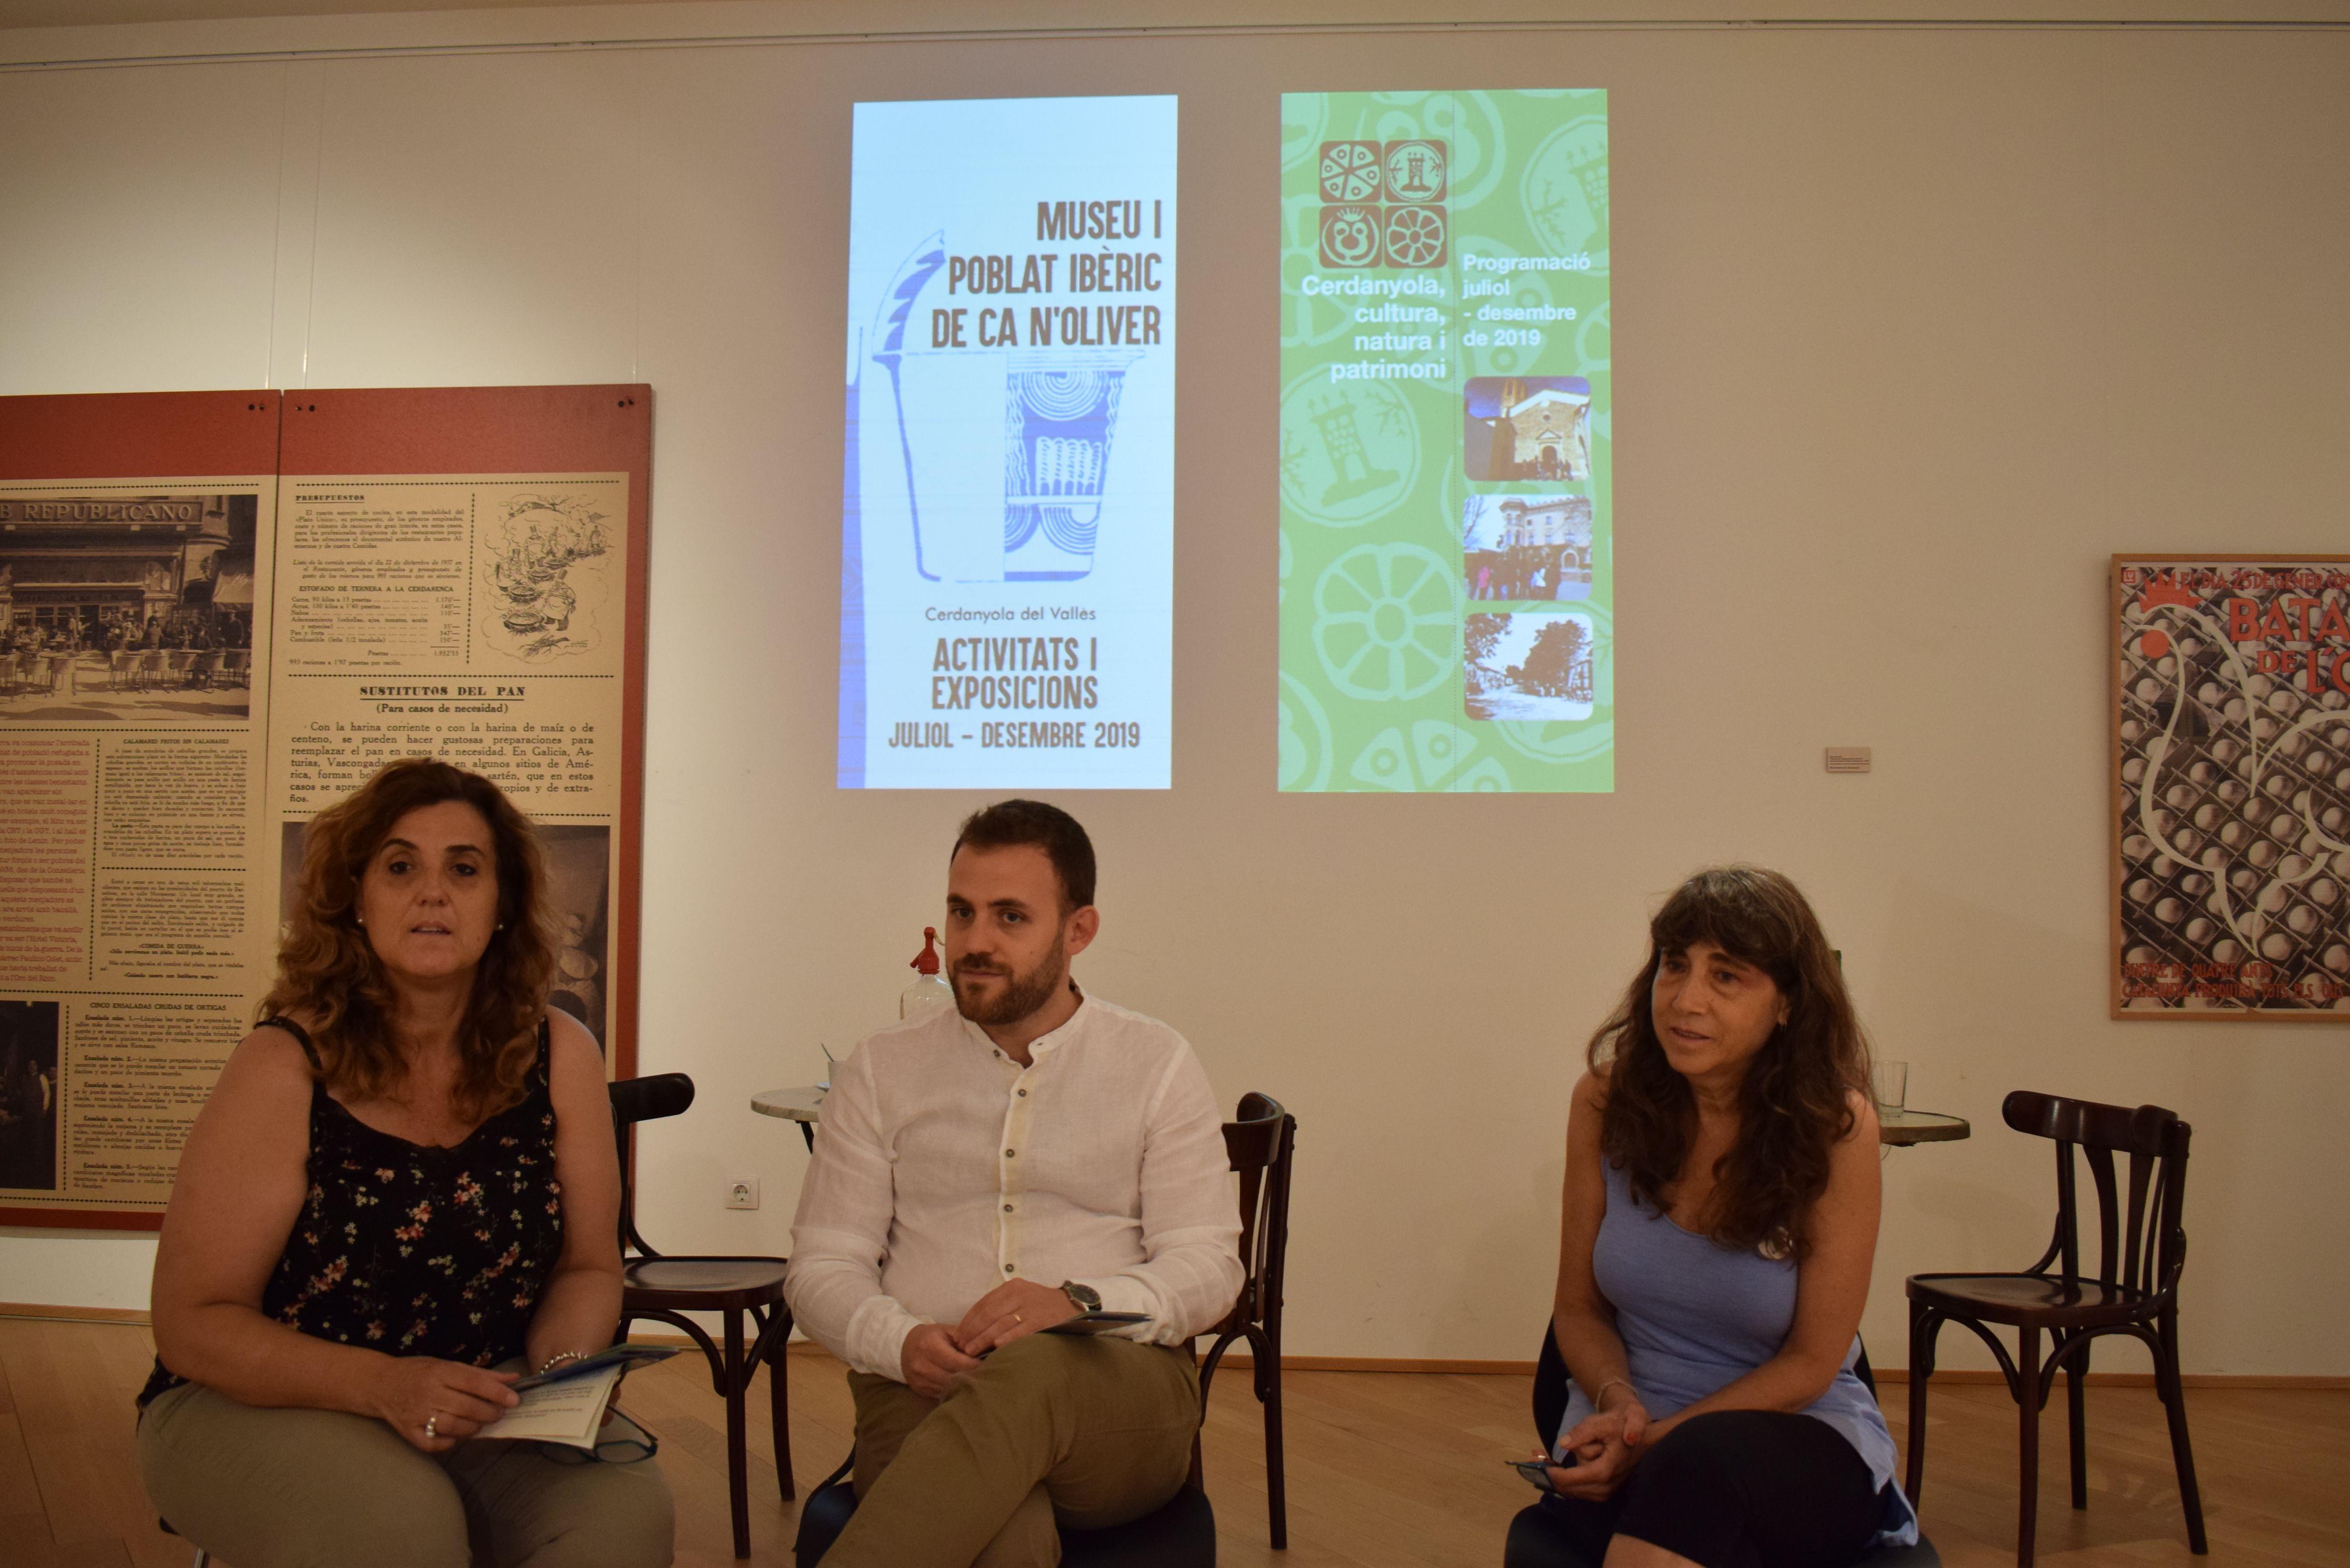 Pepi Rivera, Carlos Cordón i Marta Argelagués